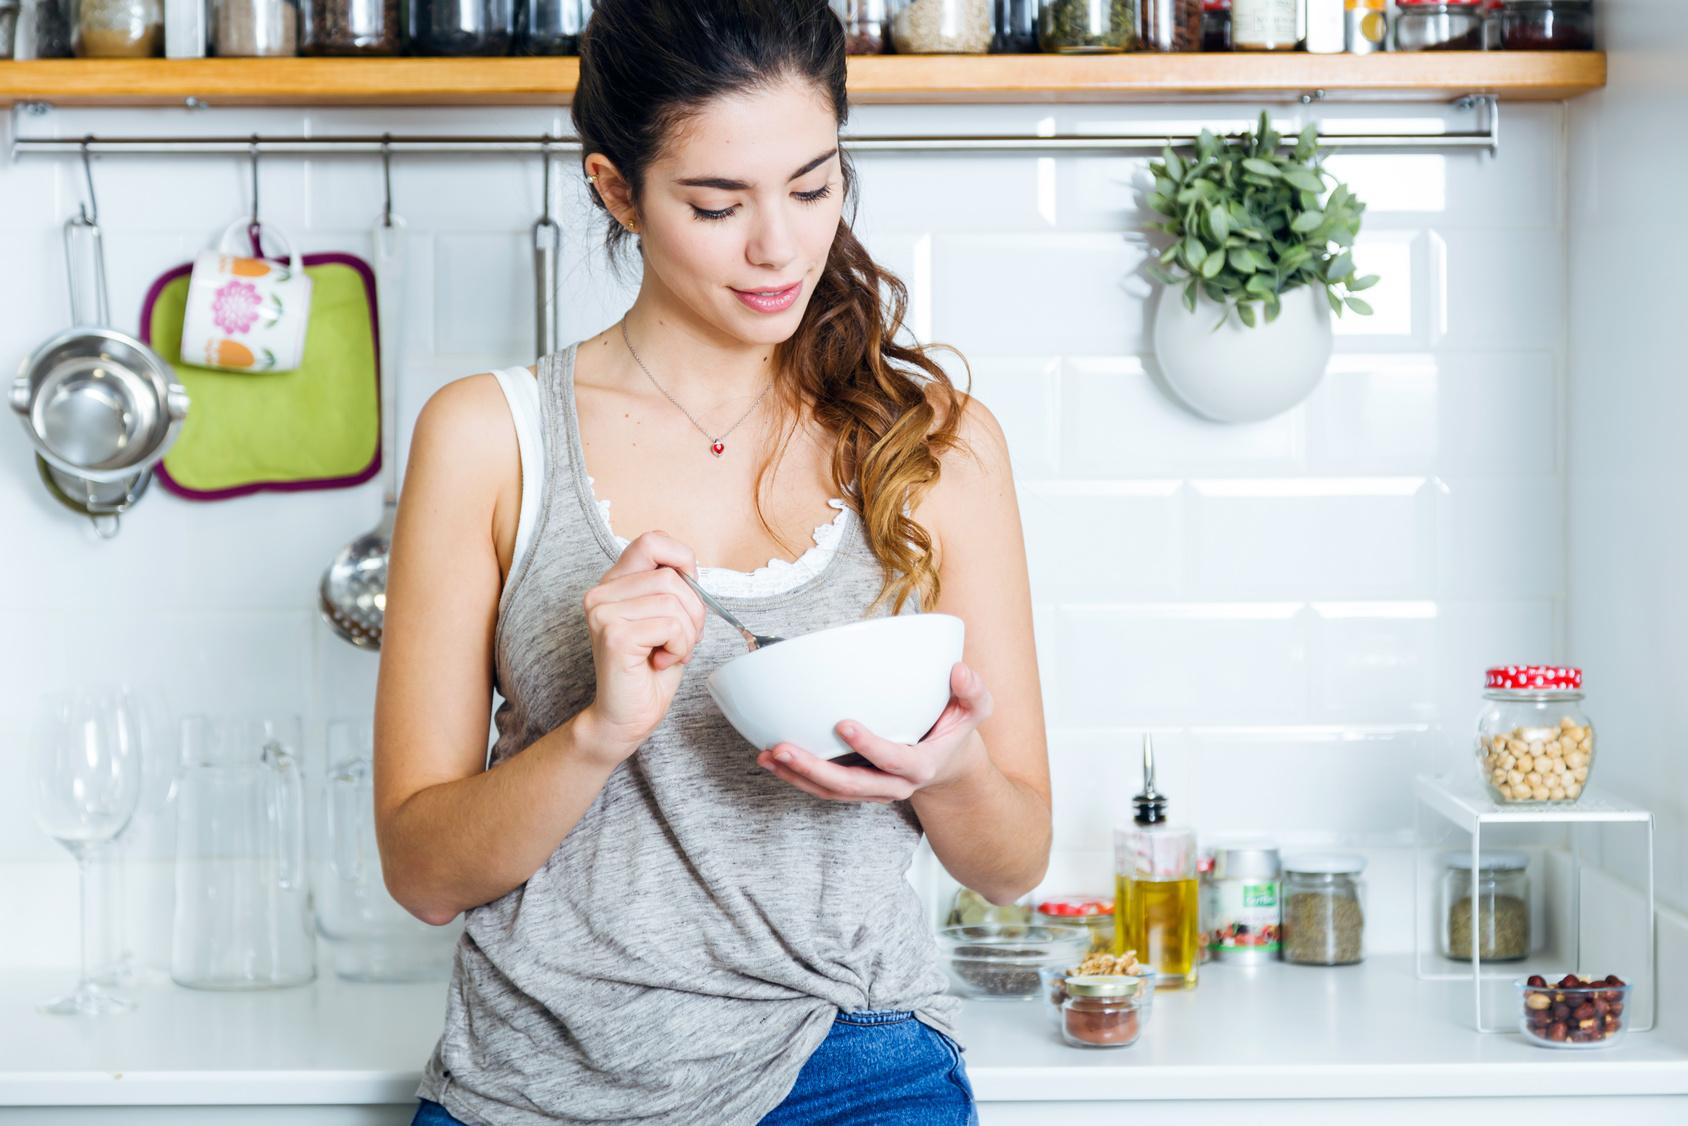 Frau frühstückt in der Küche